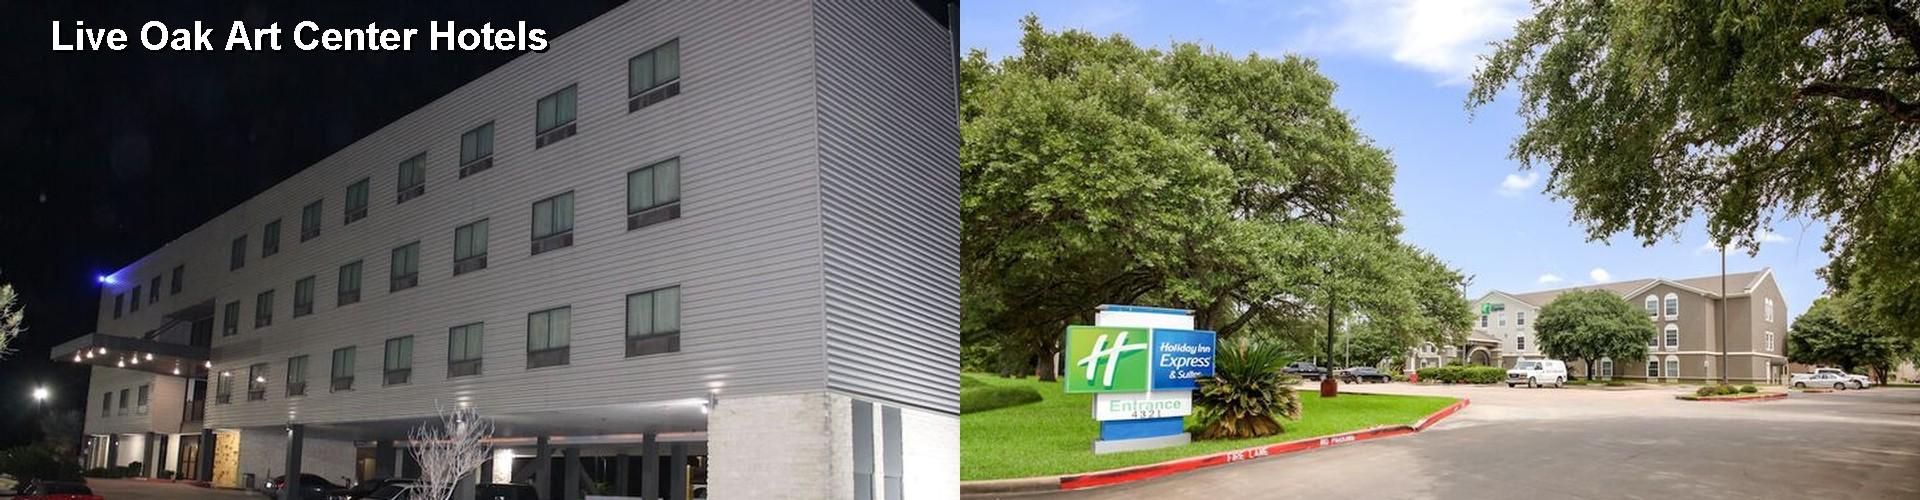 5 Best Hotels Near Live Oak Art Center